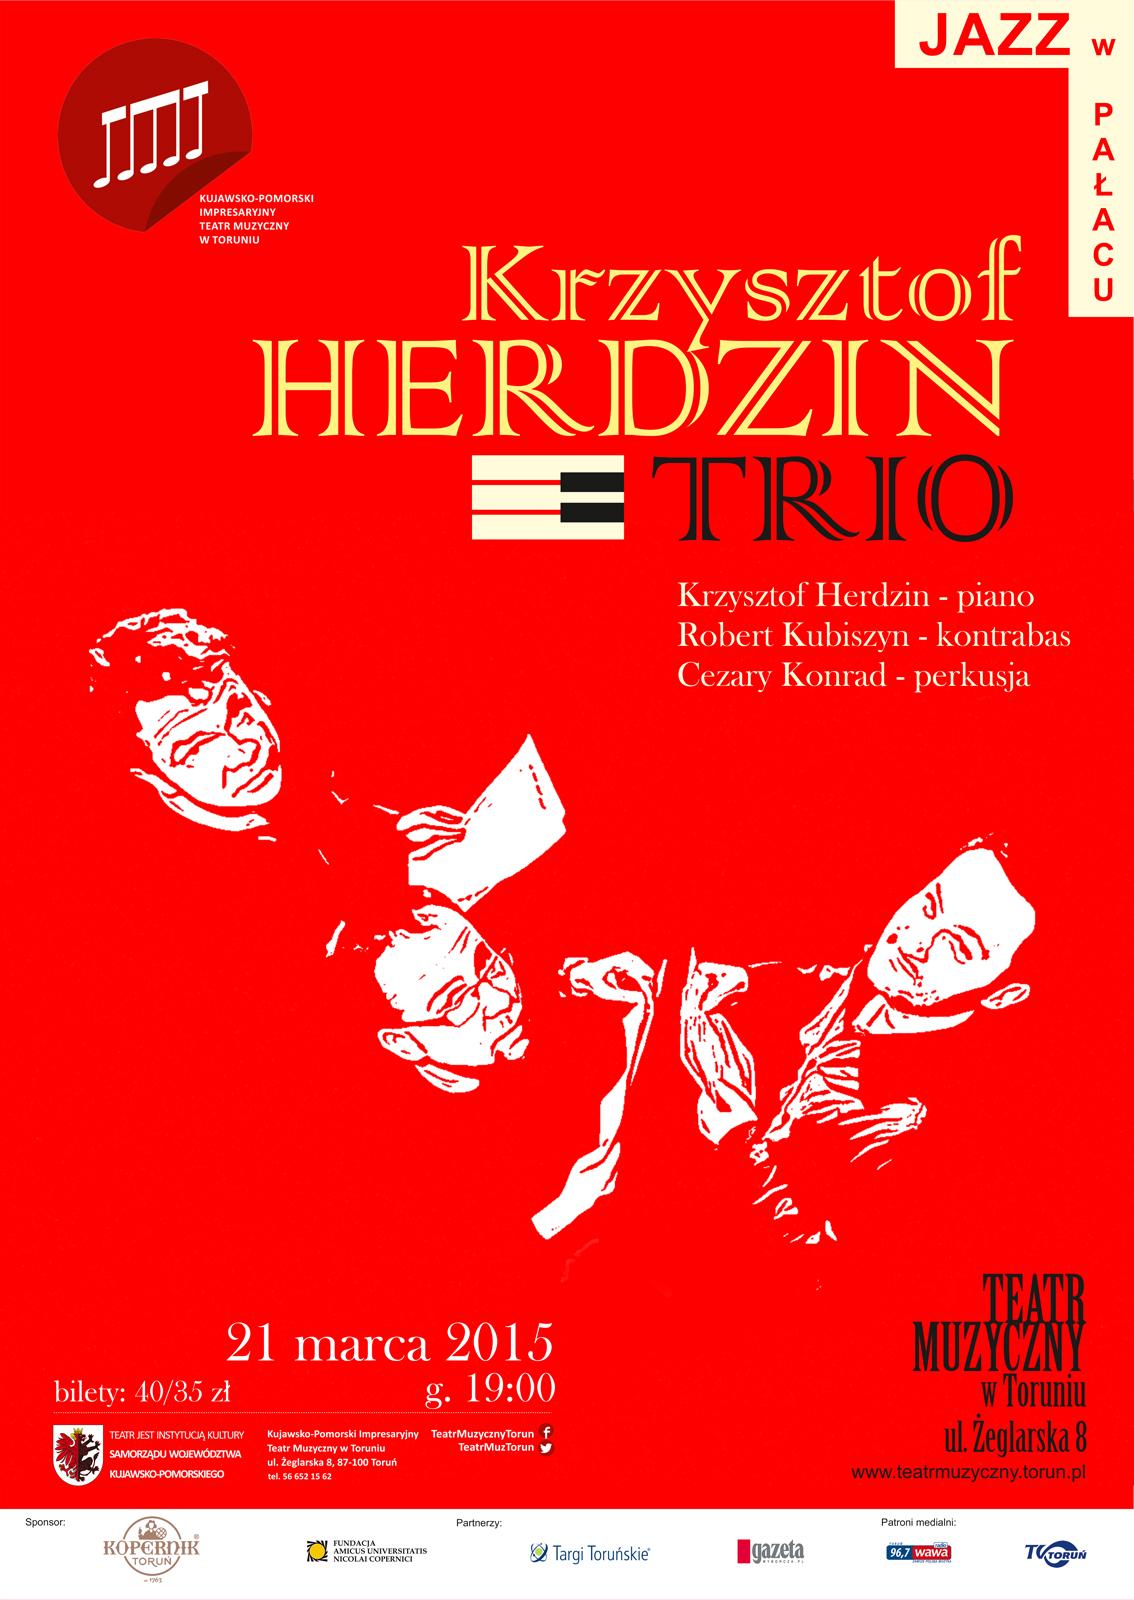 herdzin-trio-b1-2